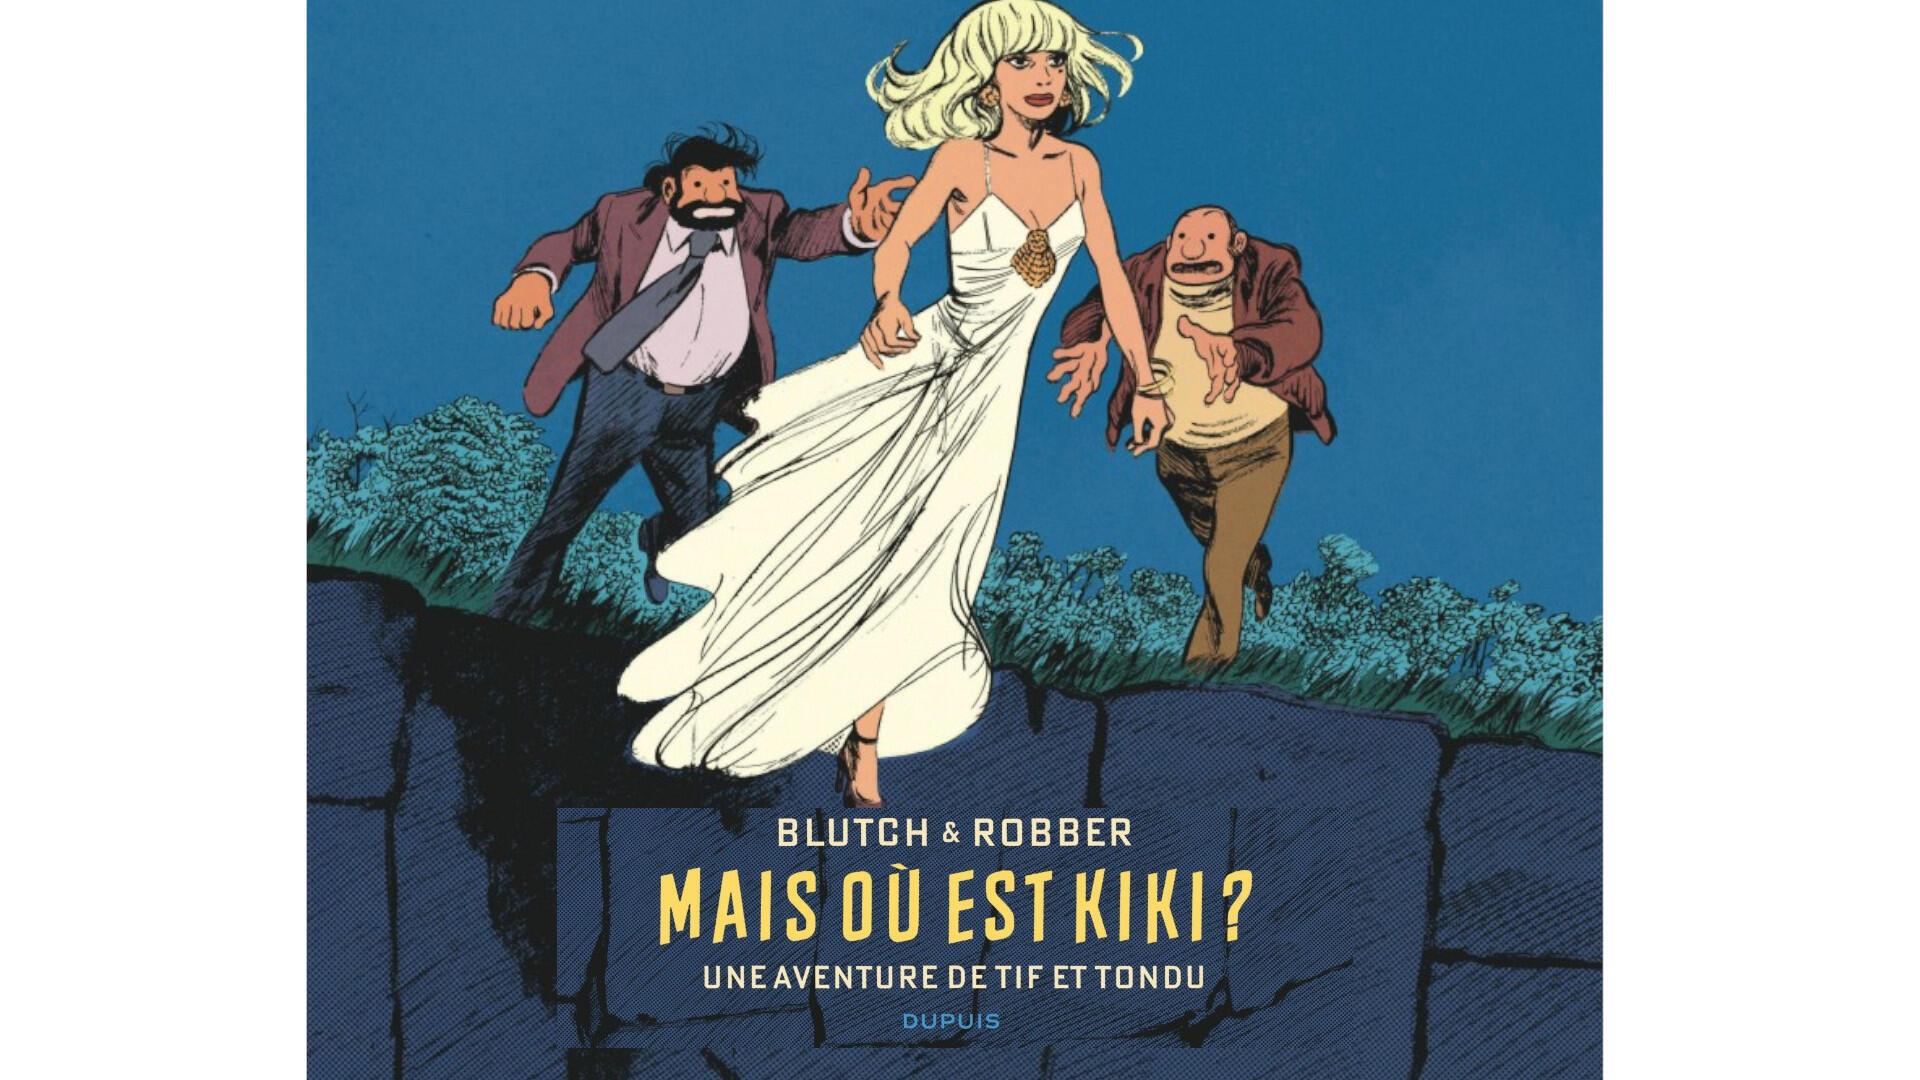 La couverture de la nouvelle bande dessinée de Blutch et Robber «Mais où est Kiki?».